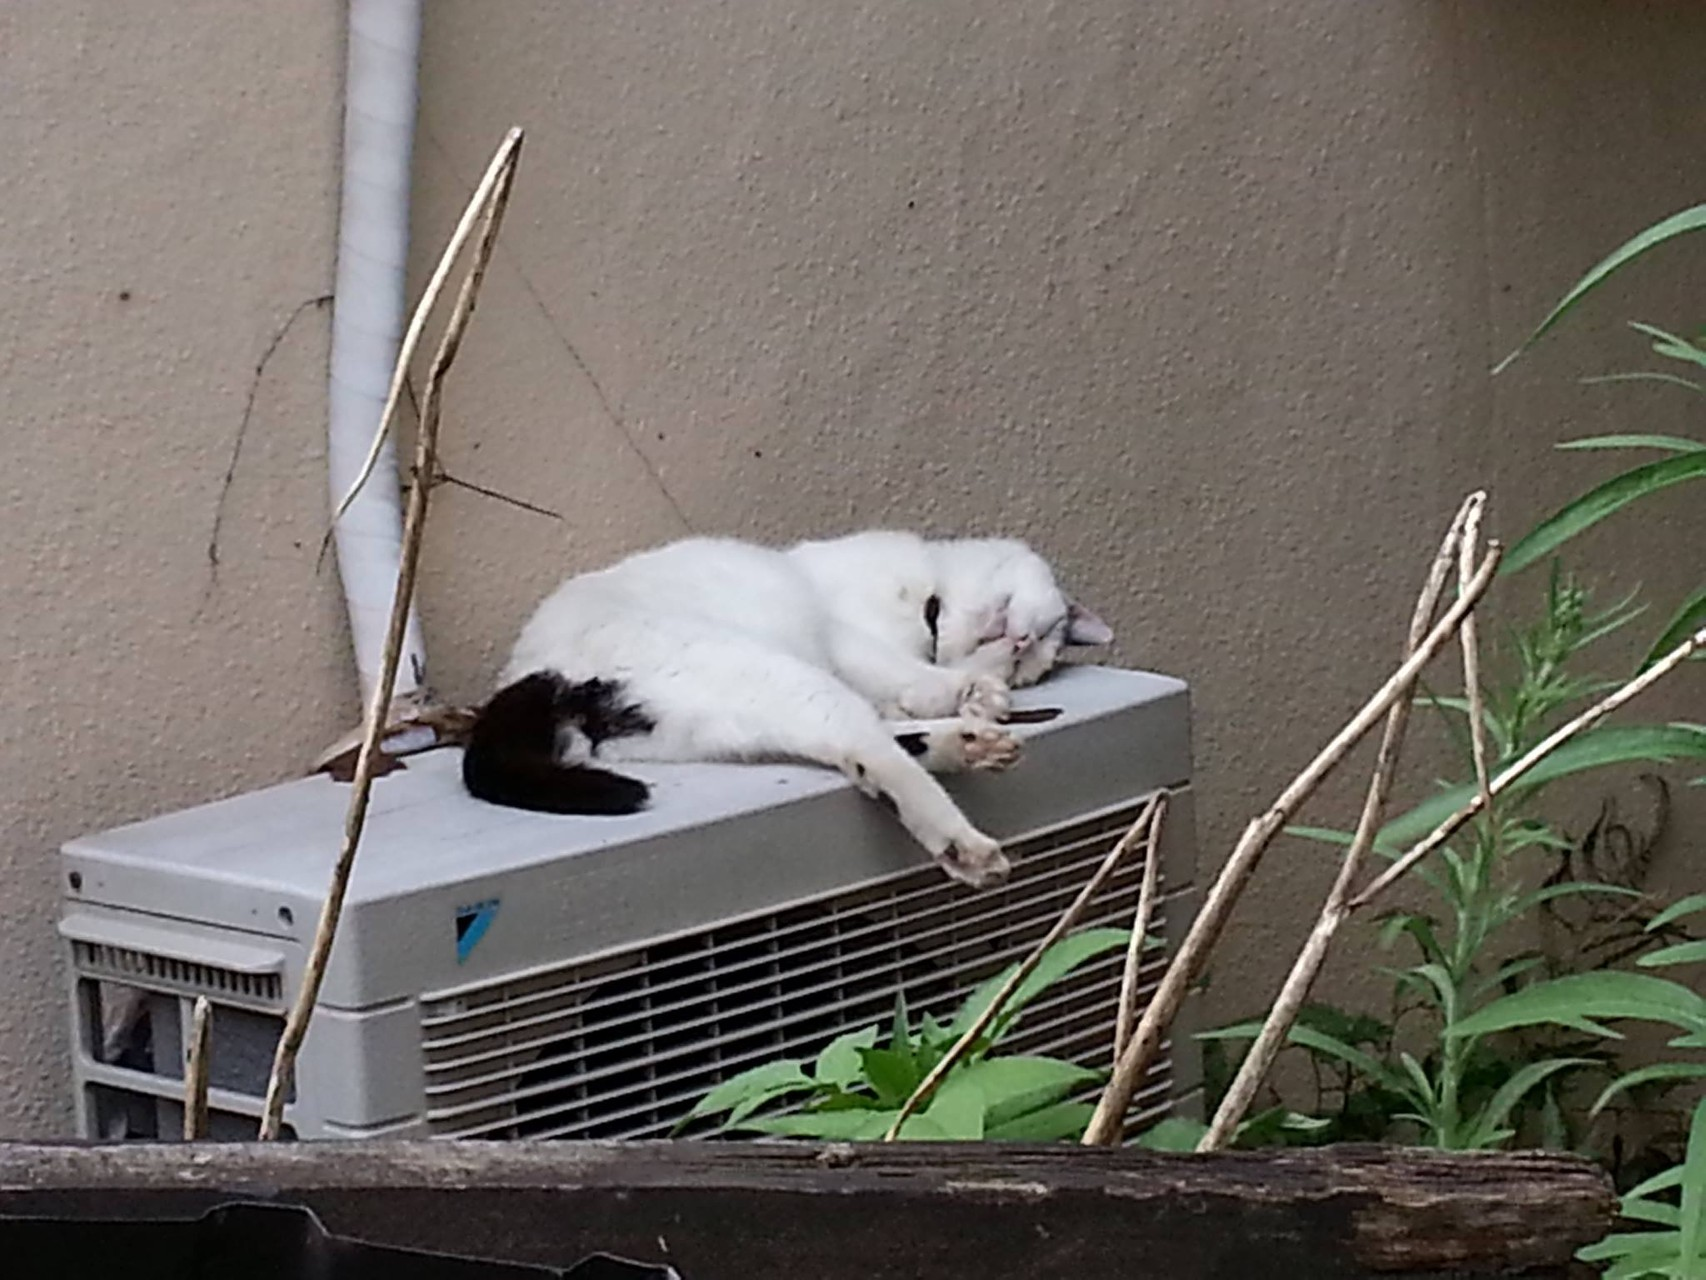 ぬこ田さん、暑さにメゲズ爆睡ちう! 【2014年8月4日】